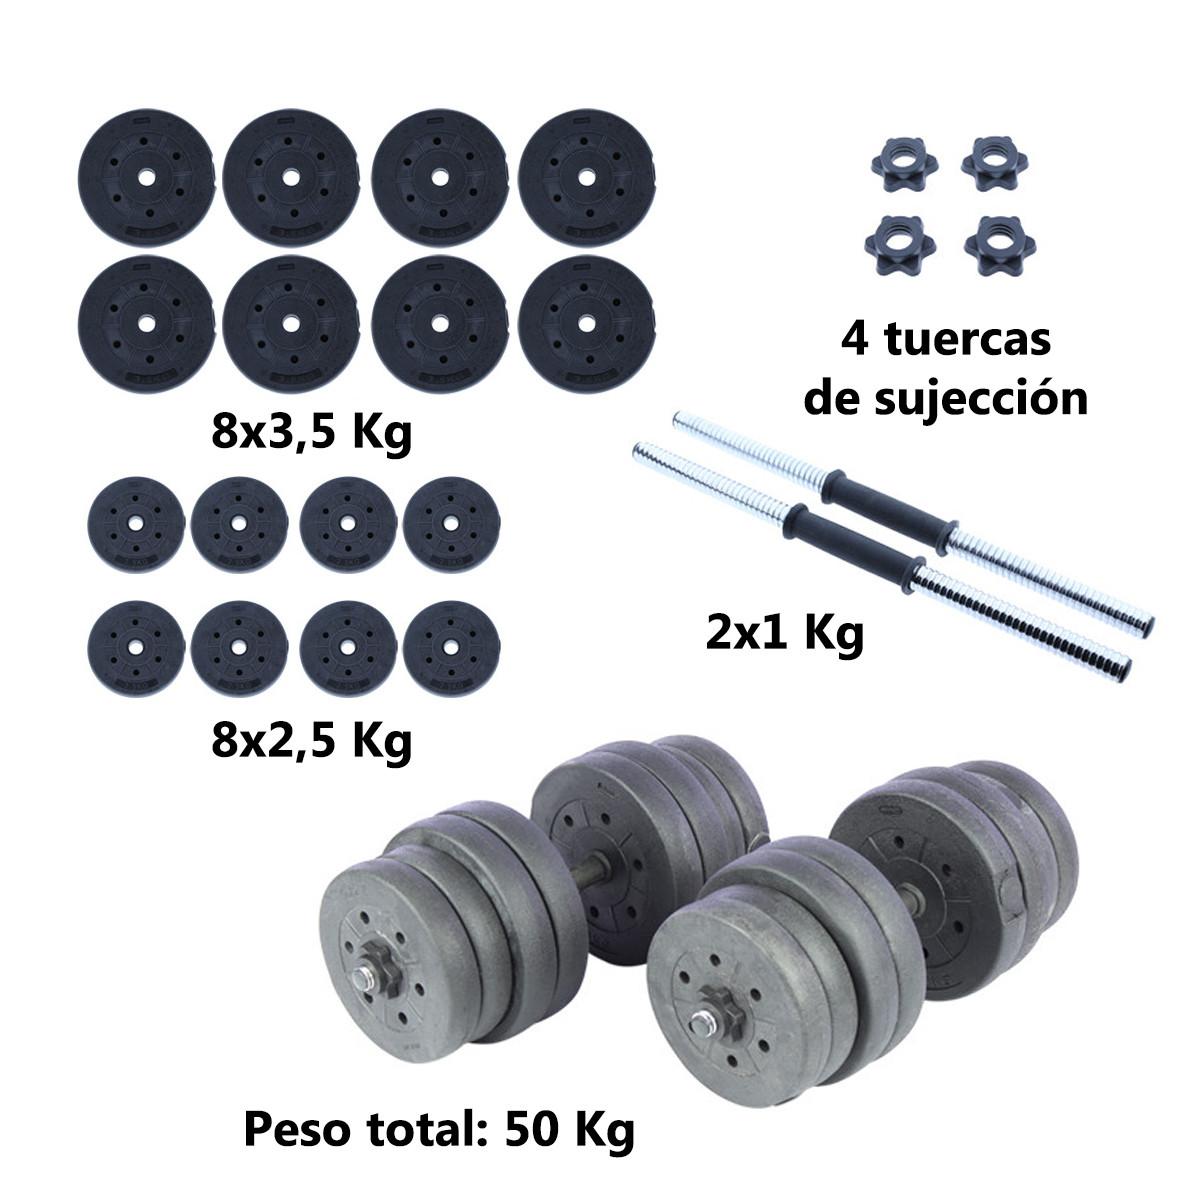 Juego-de-mancuernas-ajustables-con-discos-varios-pesos-Risc miniatura 63